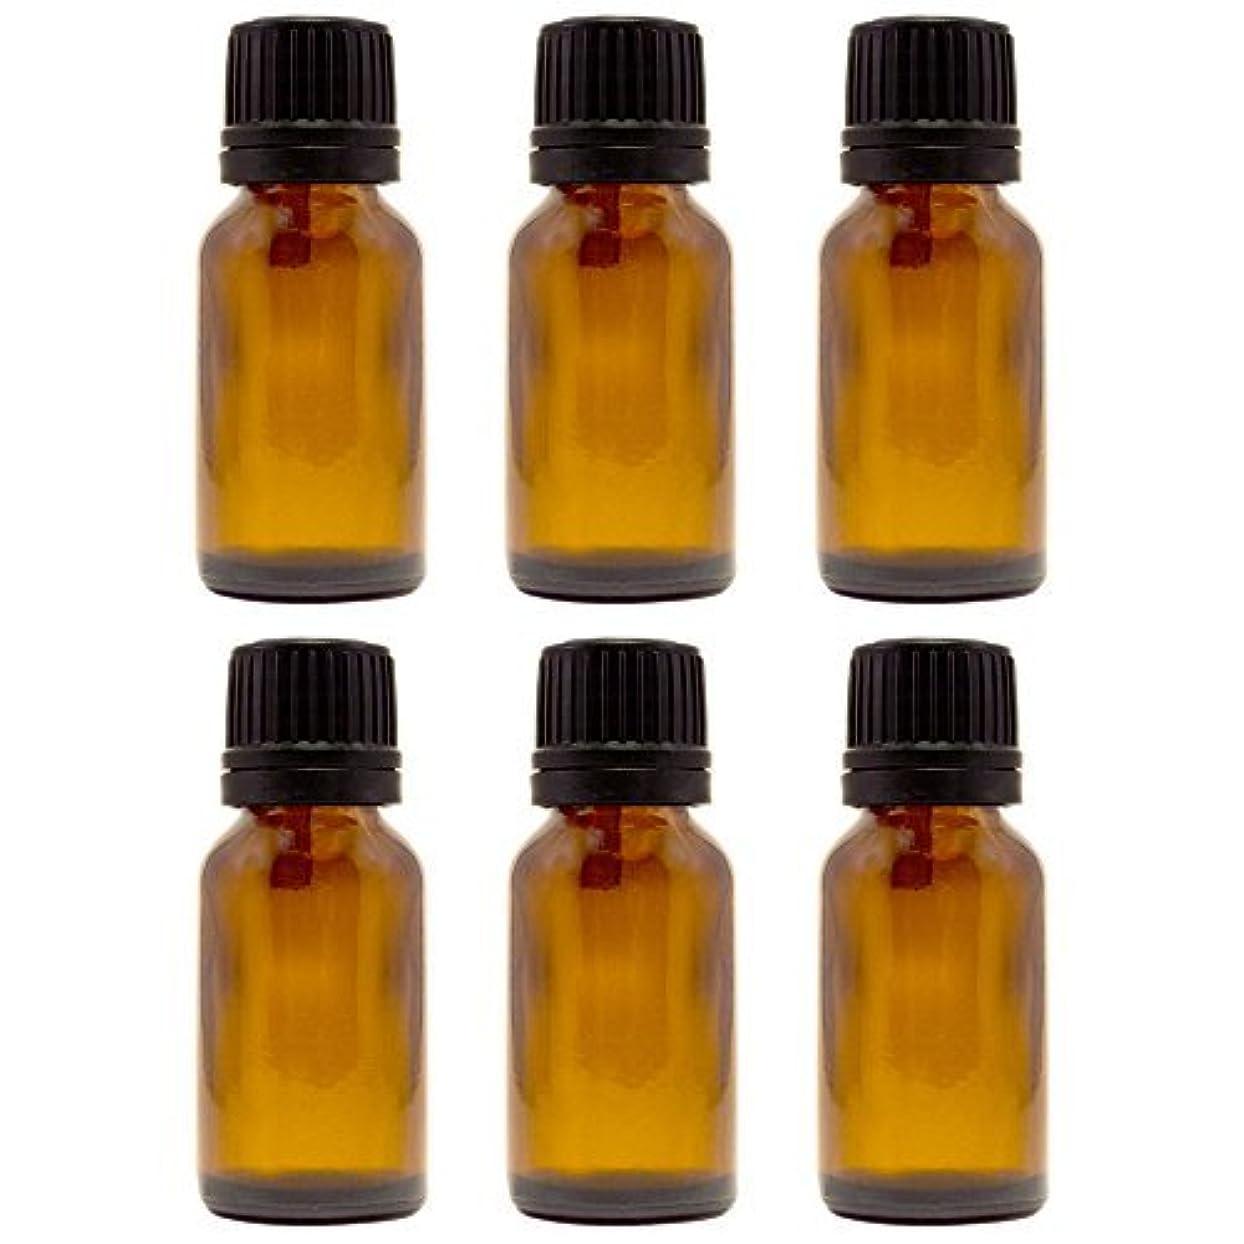 あいにくサーバントラビリンス15 ml (1/2 fl oz) Amber Glass Bottle with Euro Dropper (6 Pack) [並行輸入品]